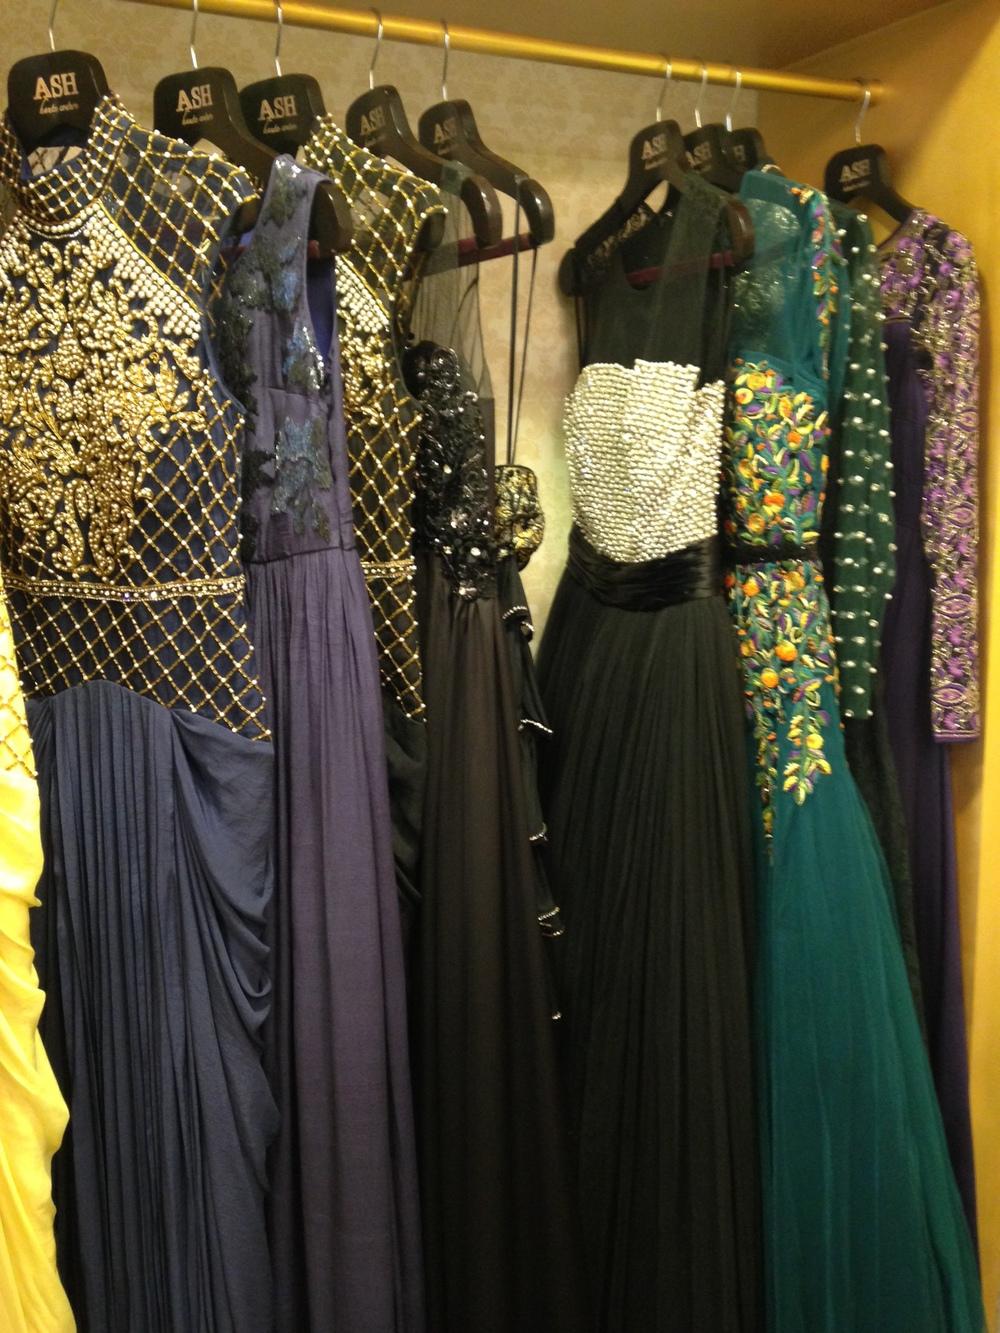 ashna-kalra-gupta-ash-haute-couture-7.JPG